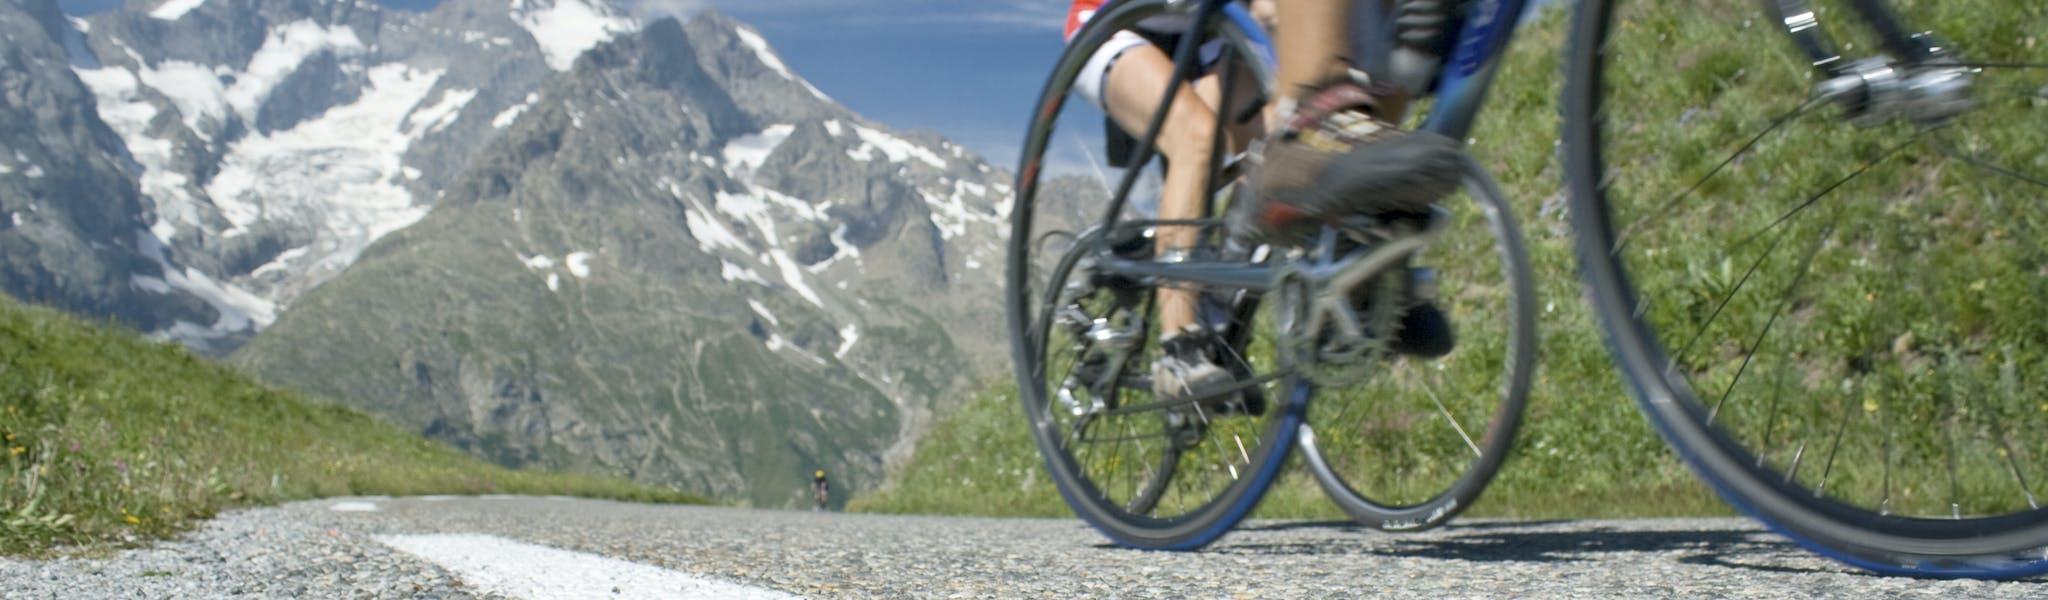 wielrennen in de Alpen